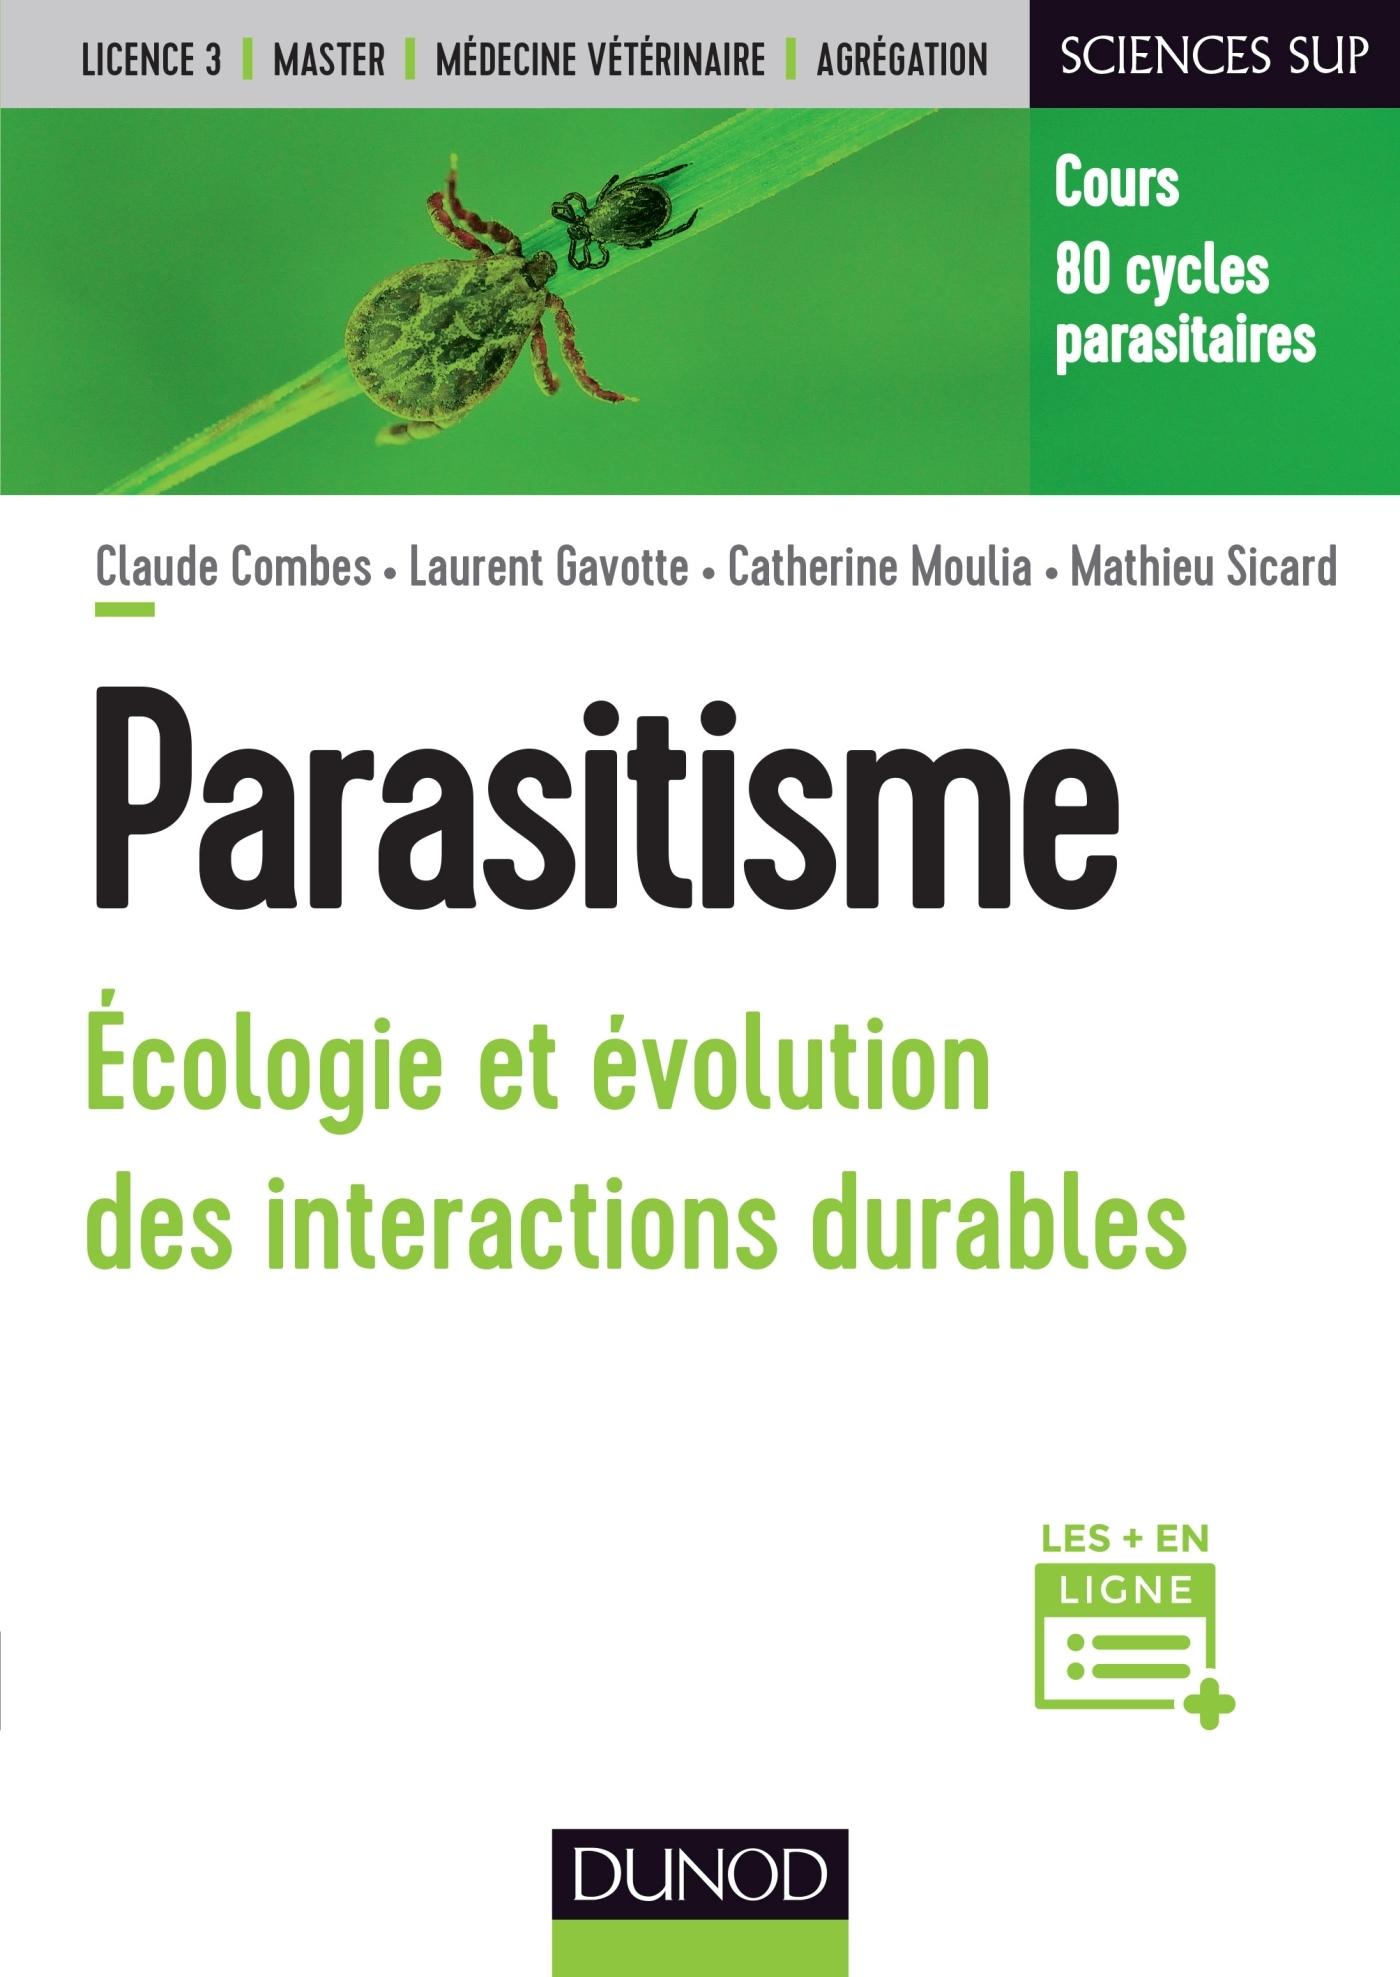 PARASITISME - ECOLOGIE ET EVOLUTION DES INTERACTIONS DURABLES